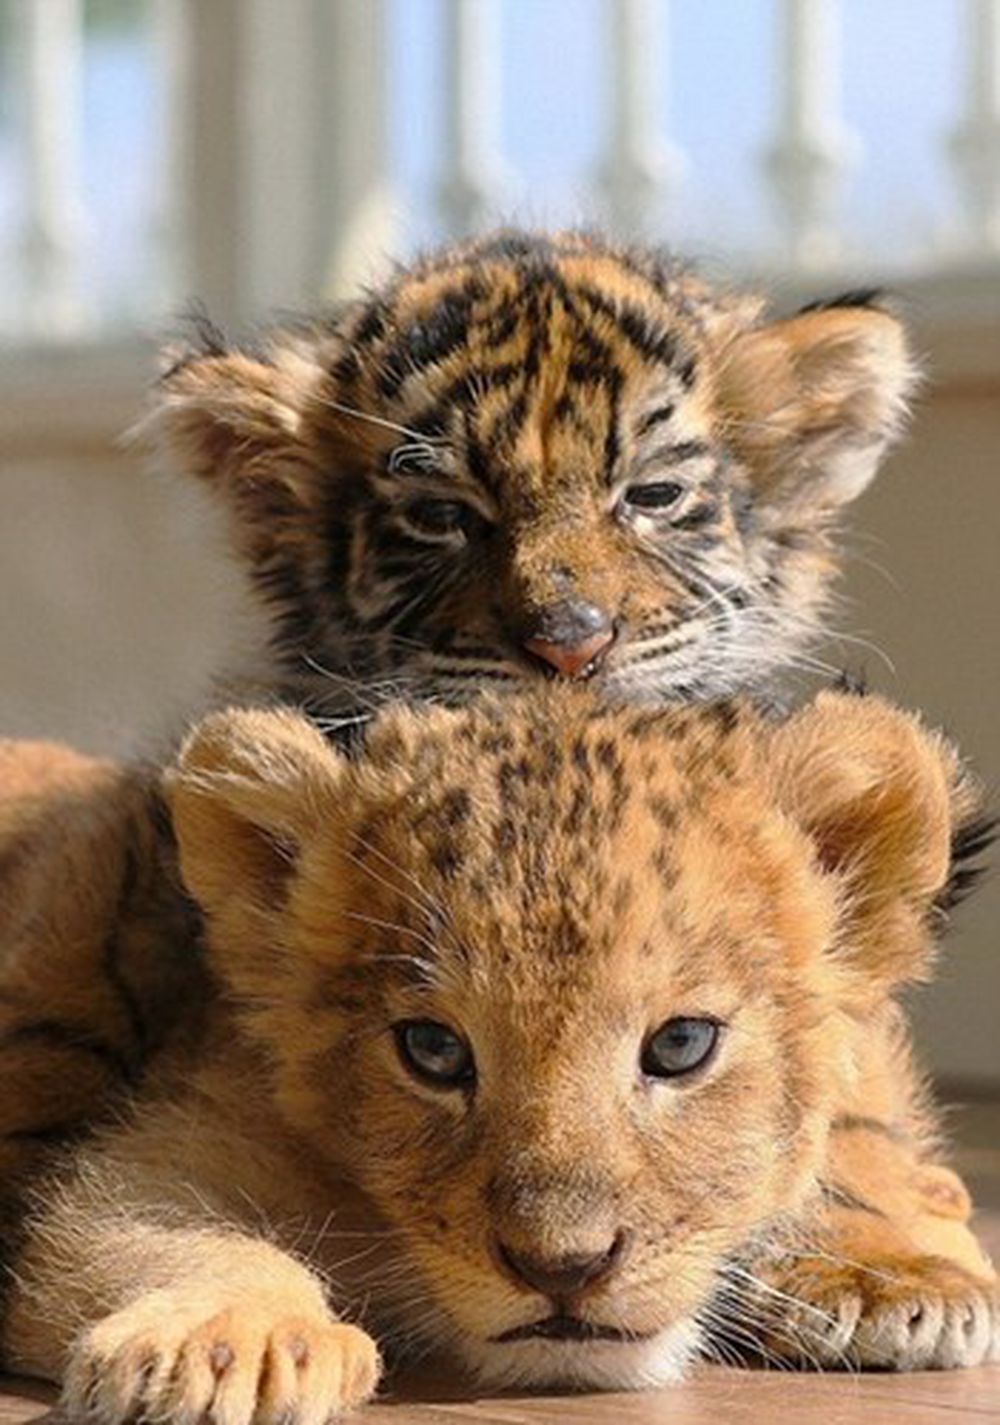 Theo thông tin đăng tải, cặp đôi bạn thân khác loài này dường như không hề biết đến sự khác biệt về loài của nhau. (Nguồn Dailymail)